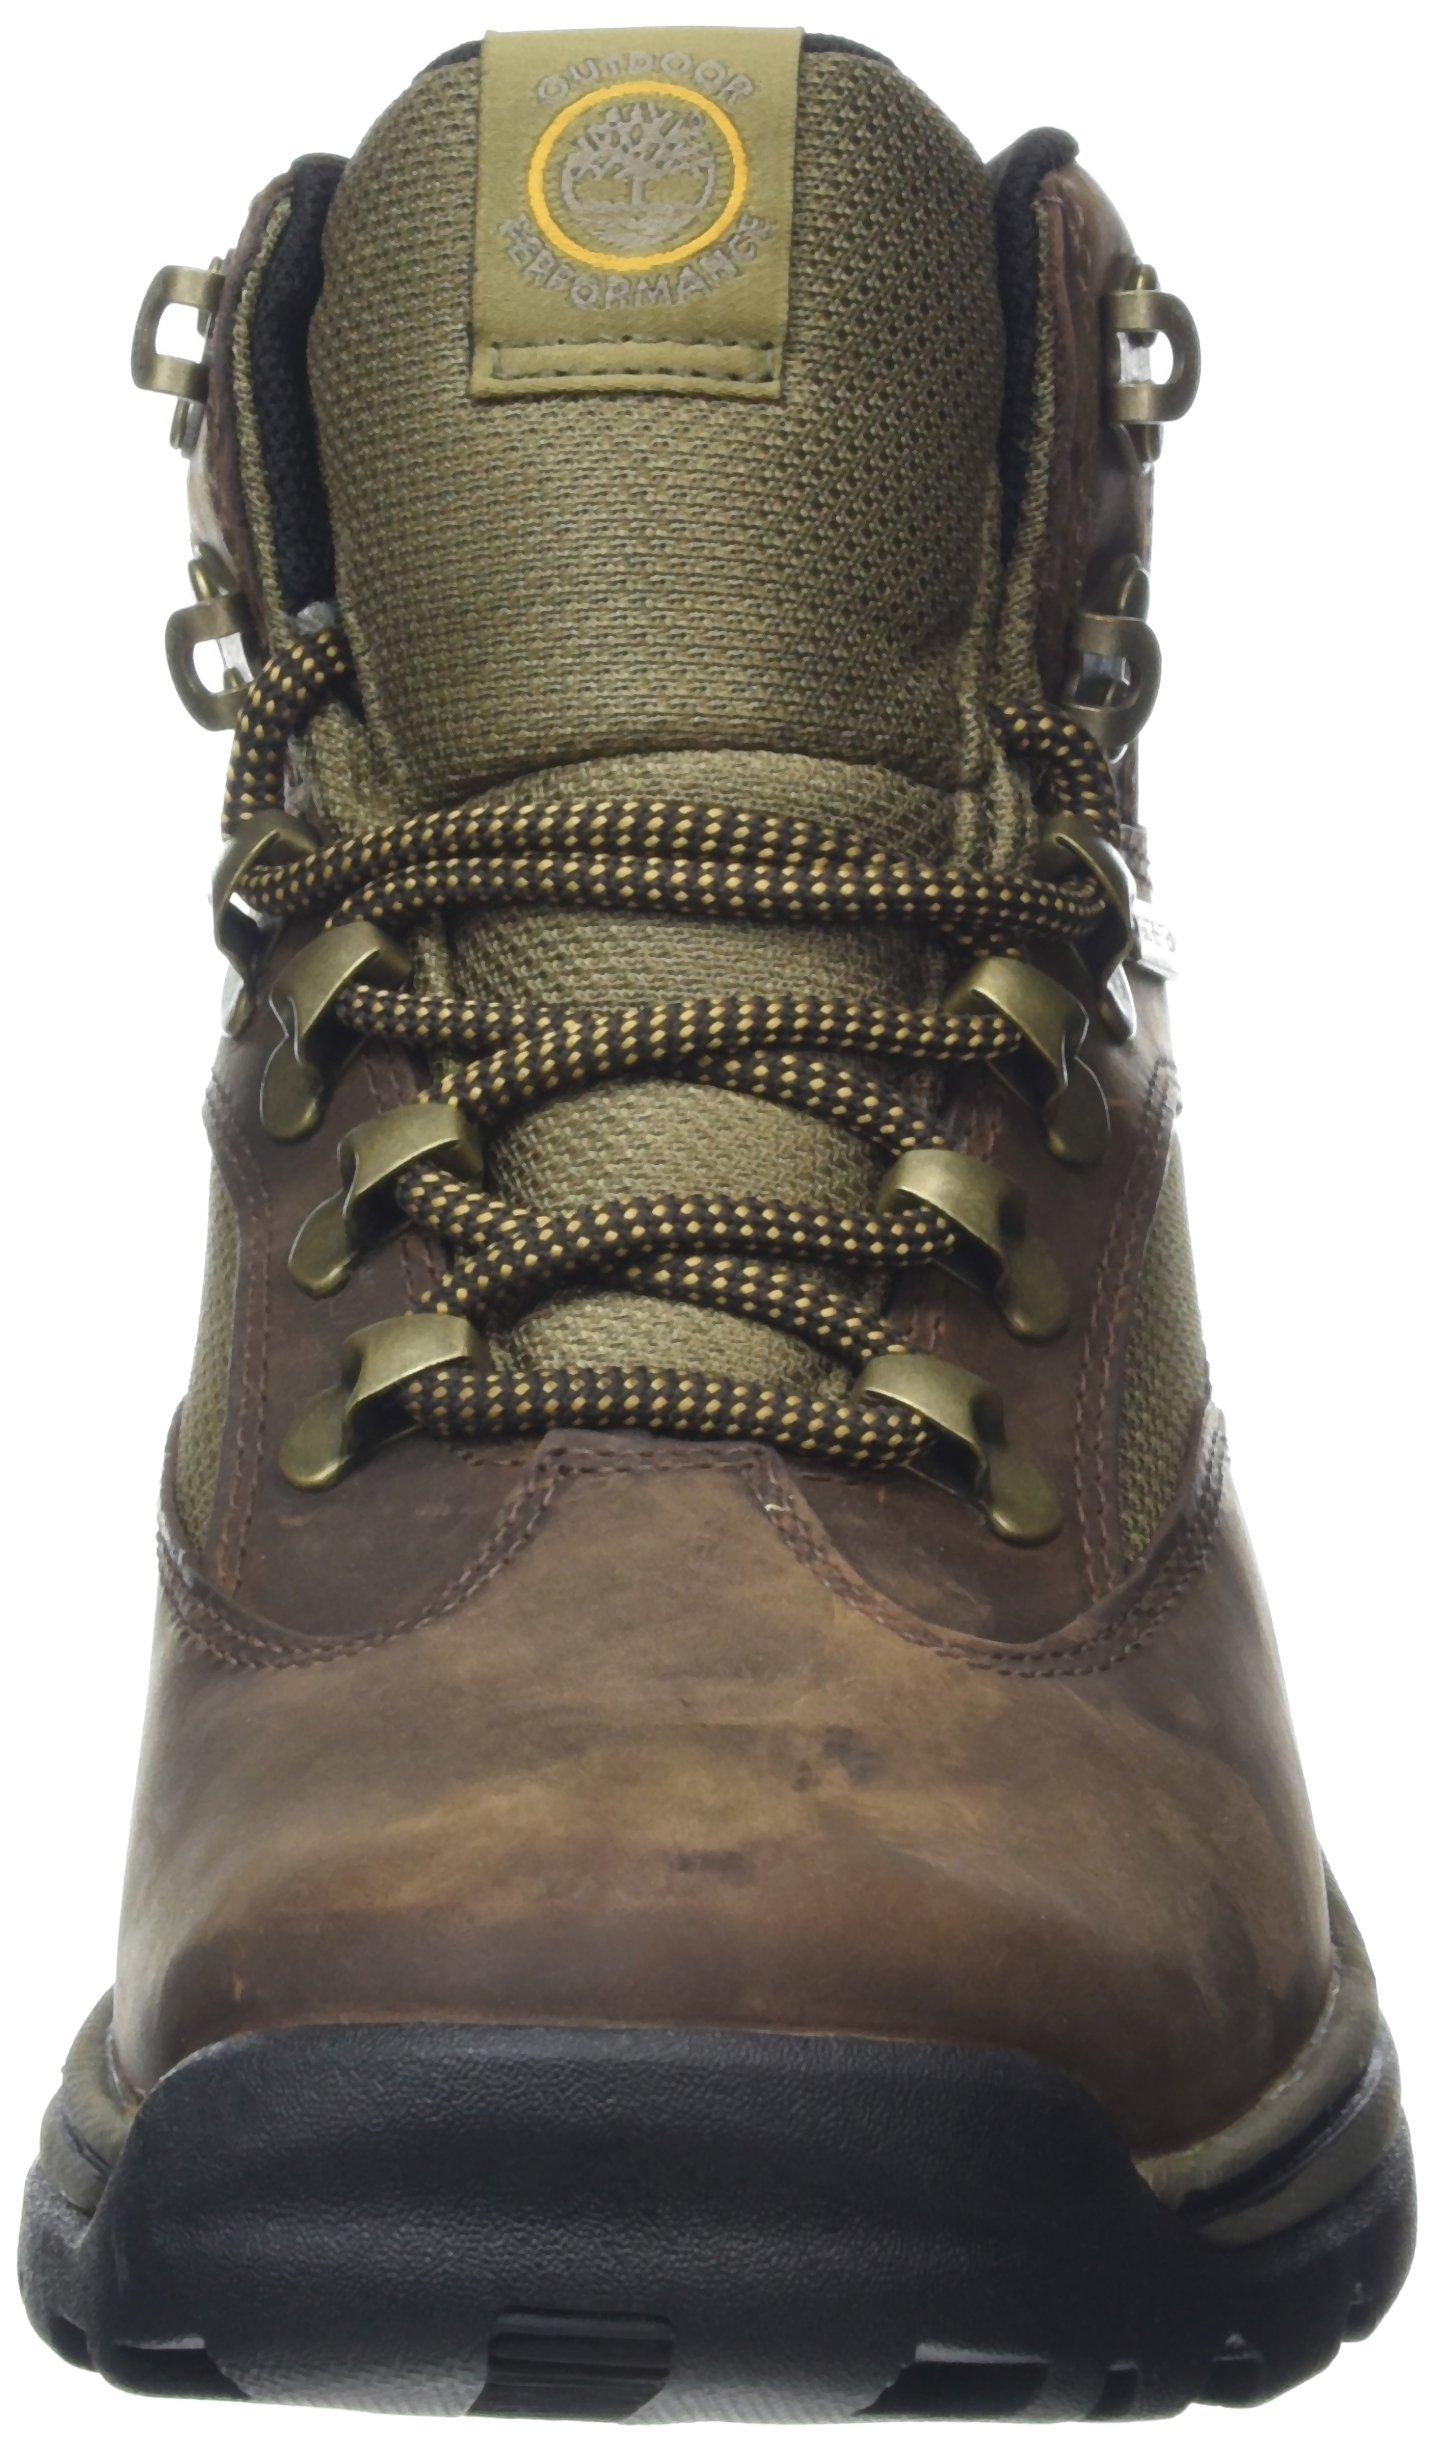 Timberland Women's Chocorua Trail Boot,Brown,8 M by Timberland (Image #4)